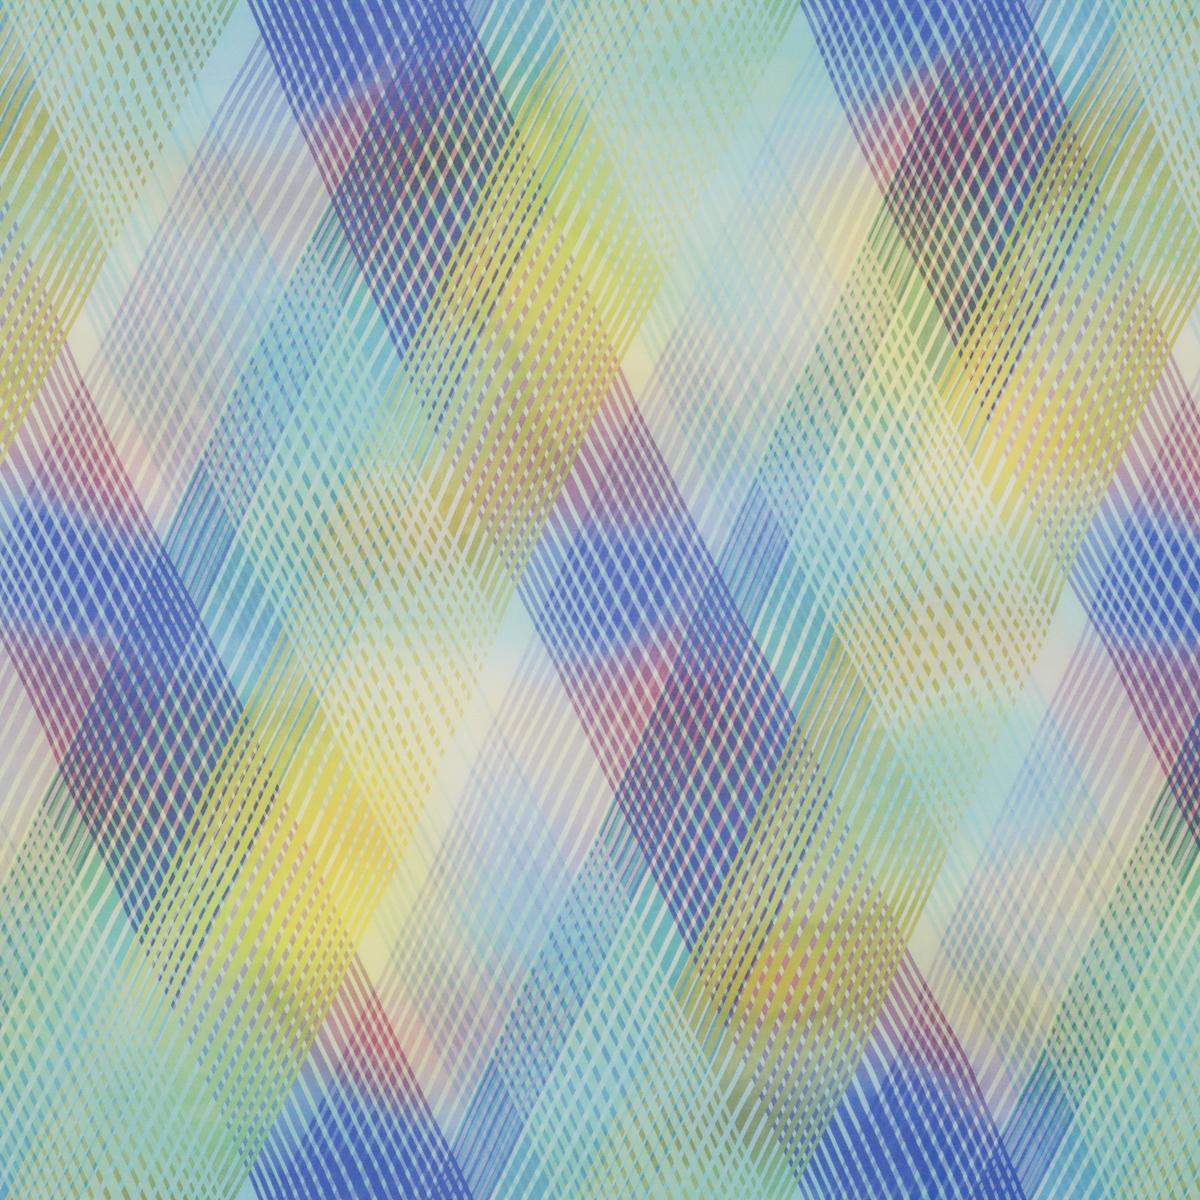 Шёлковая вуаль в диагональные полоски голубой гаммы